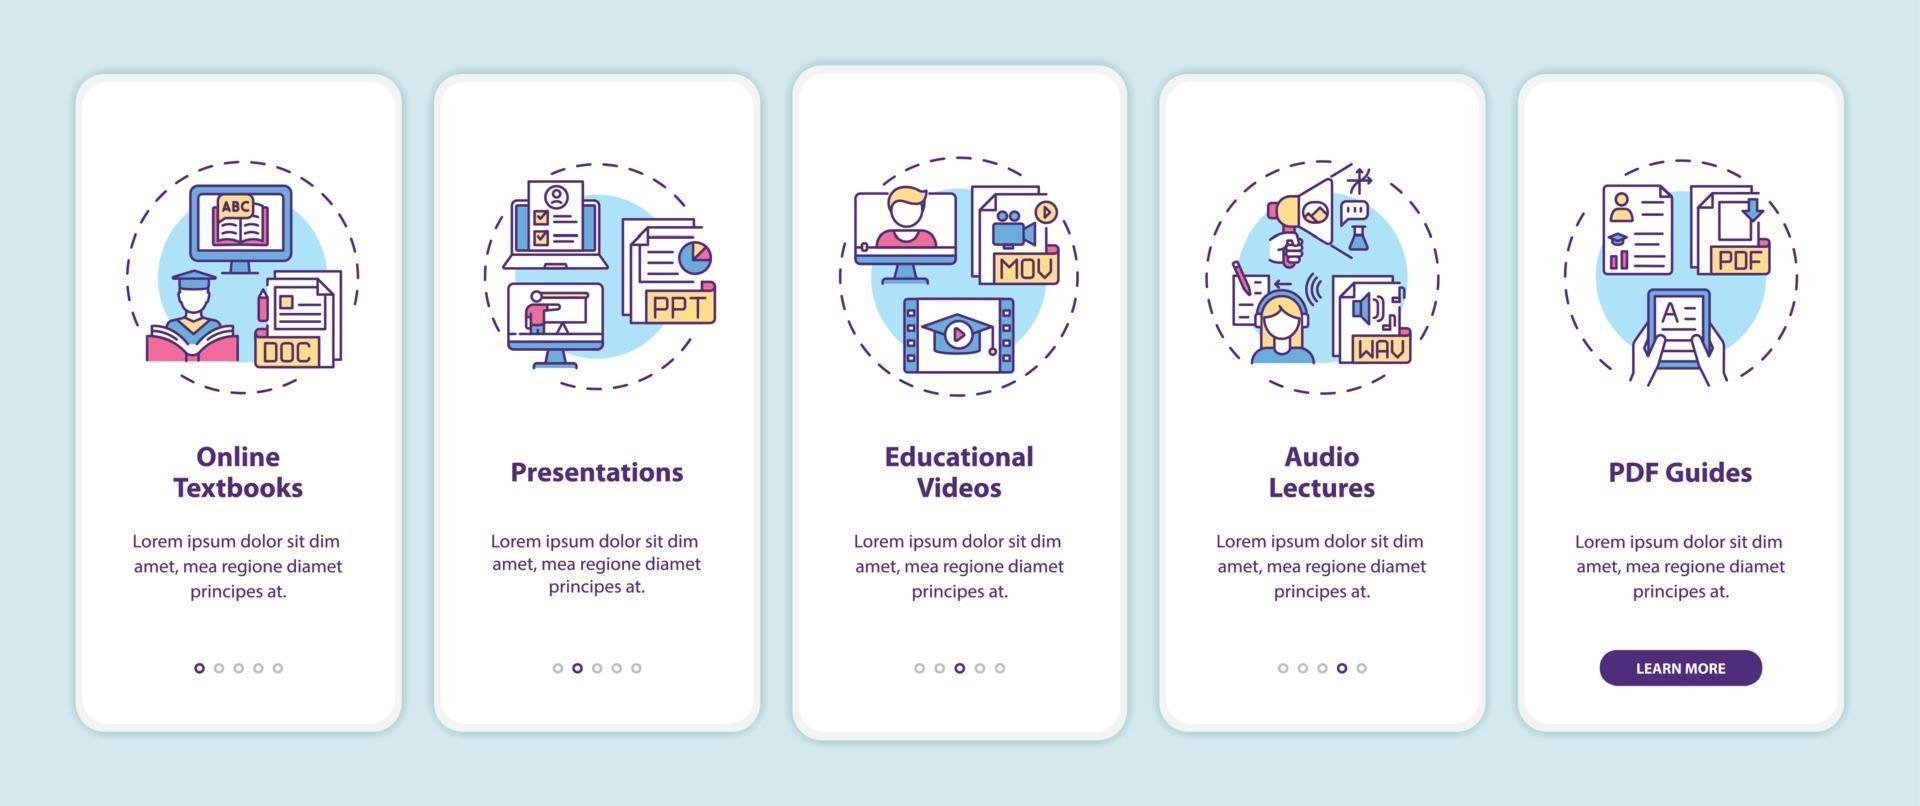 recursos digitais de ensino on-line integração tela da página do aplicativo móvel com conceitos vetor